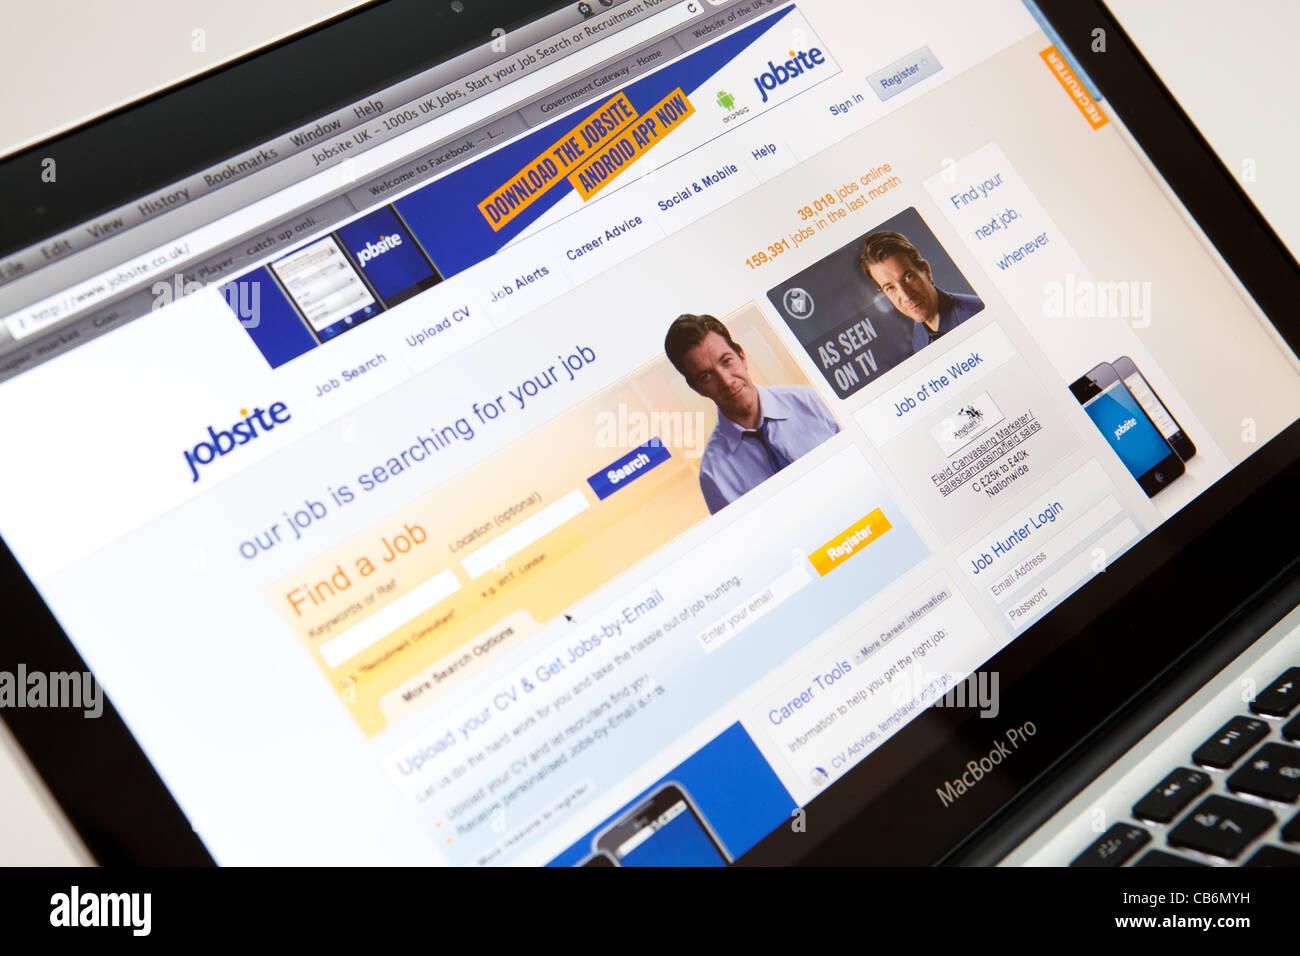 Sito web di screen shot della pagina web - Cantiere Immagini Stock